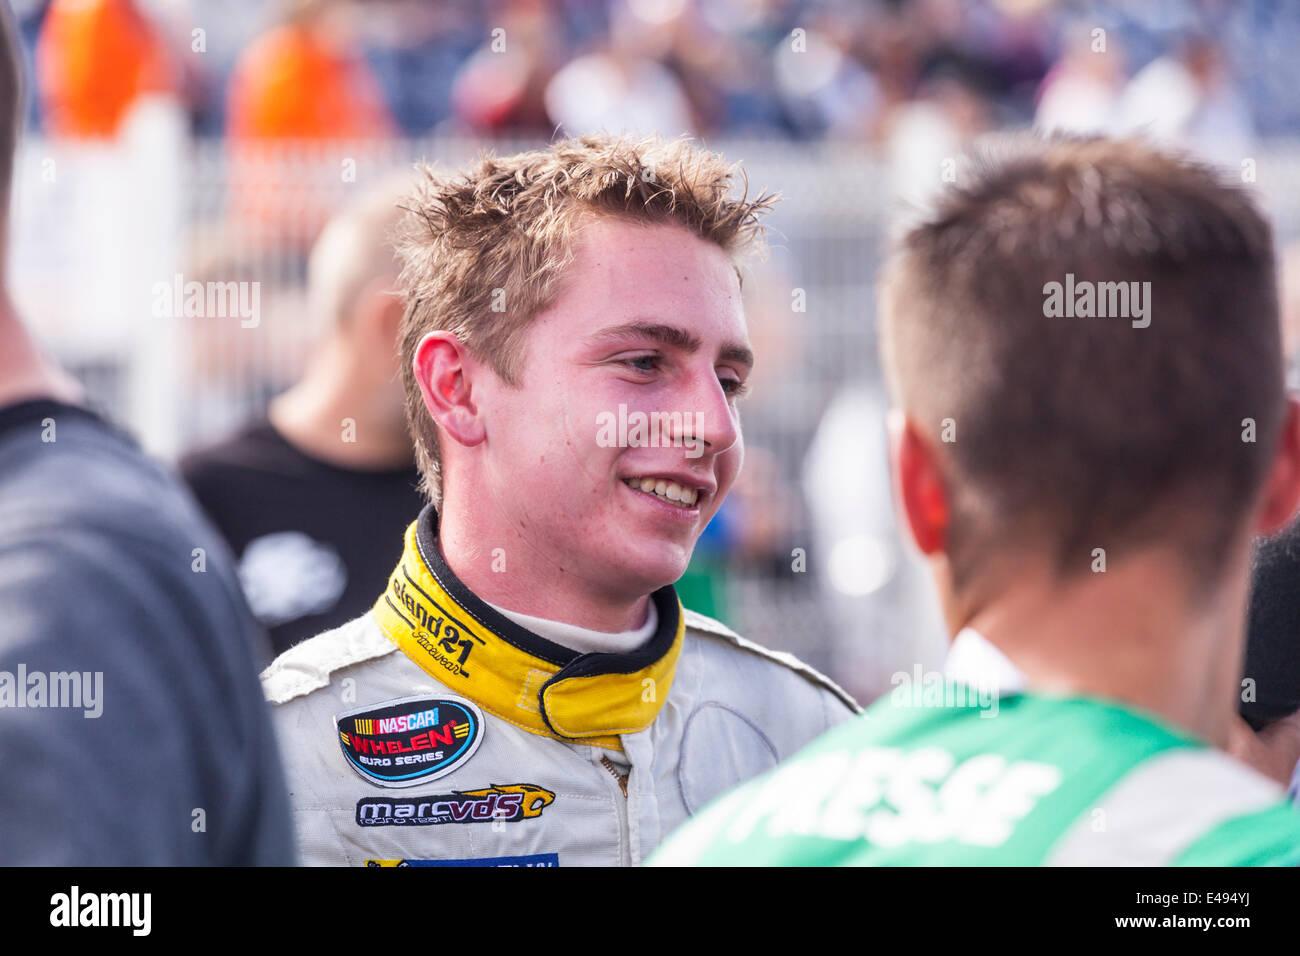 Tours, Francia. 06 de julio de 2014. Denis Dupont después de ganar la Serie NASCAR Whelen Euro Speedway Tours, Imagen De Stock